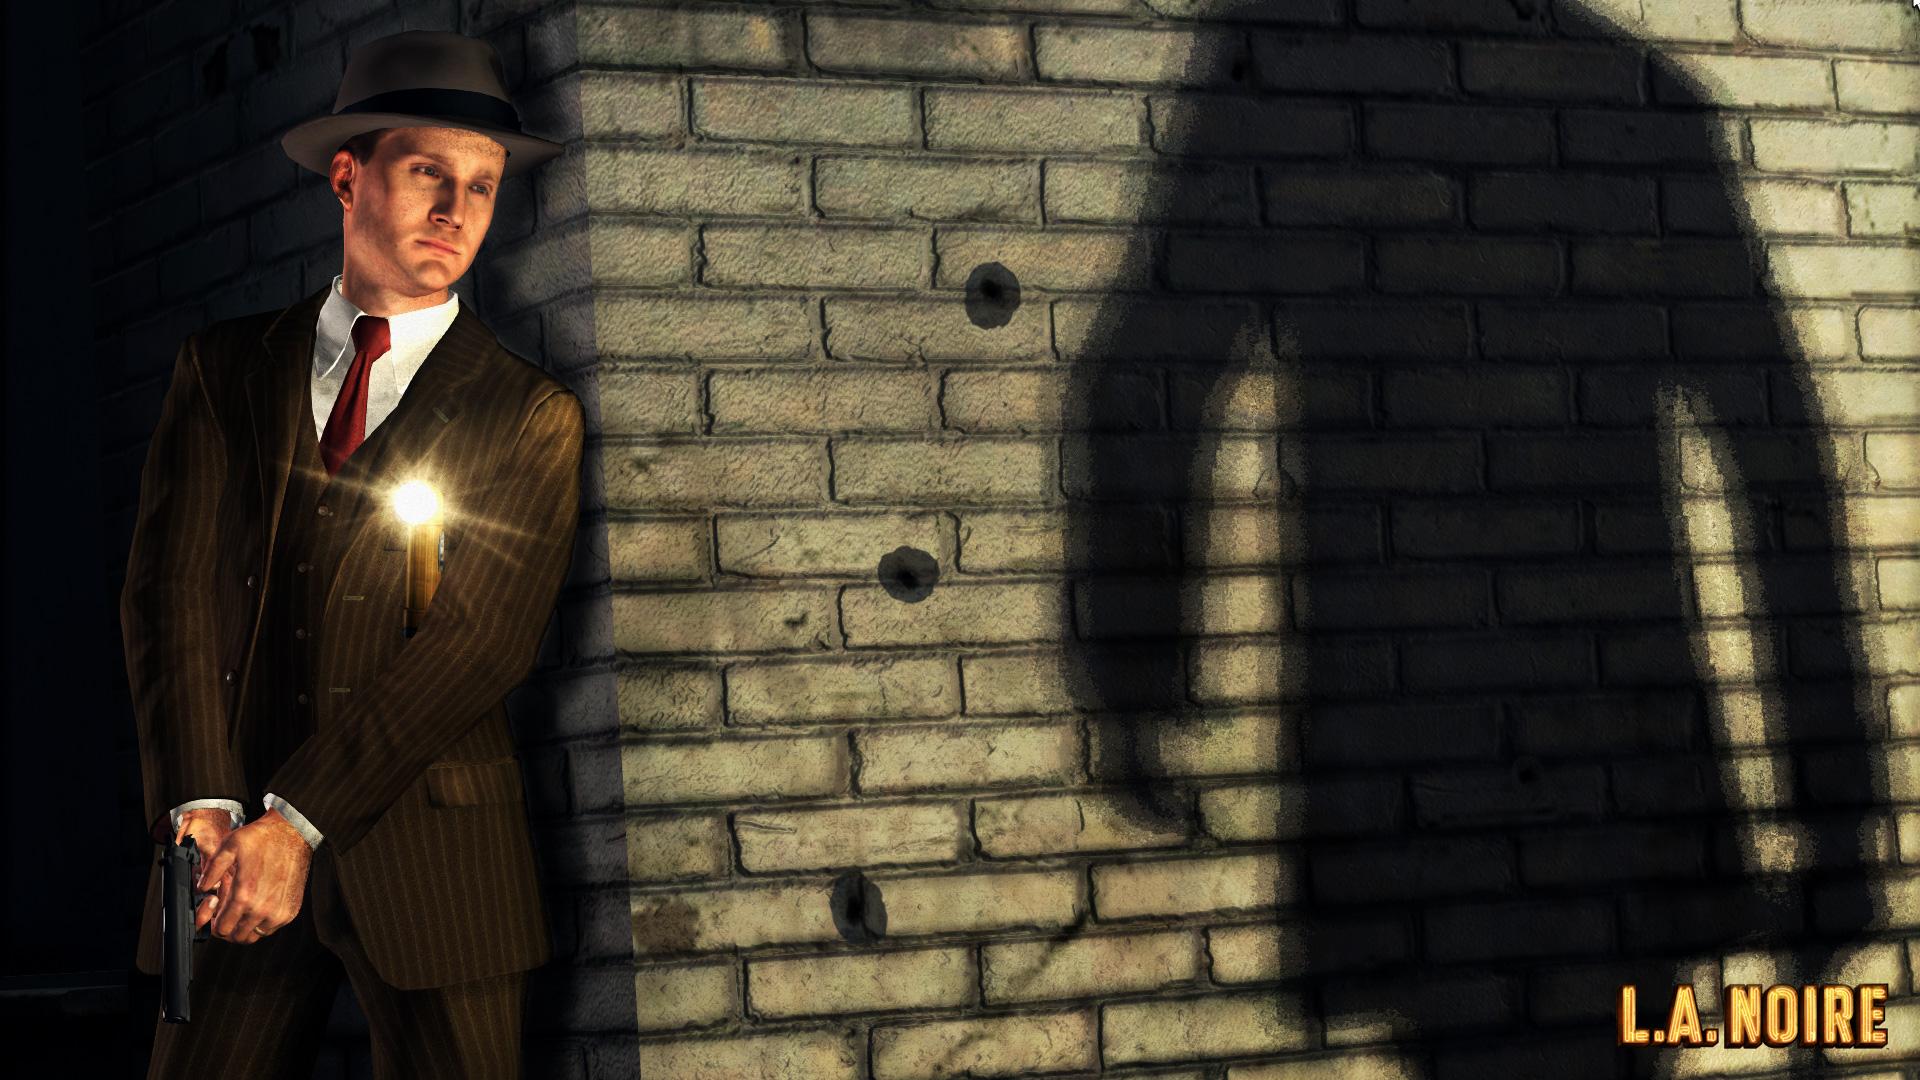 HQ L.A. Noire Wallpapers | File 672.44Kb